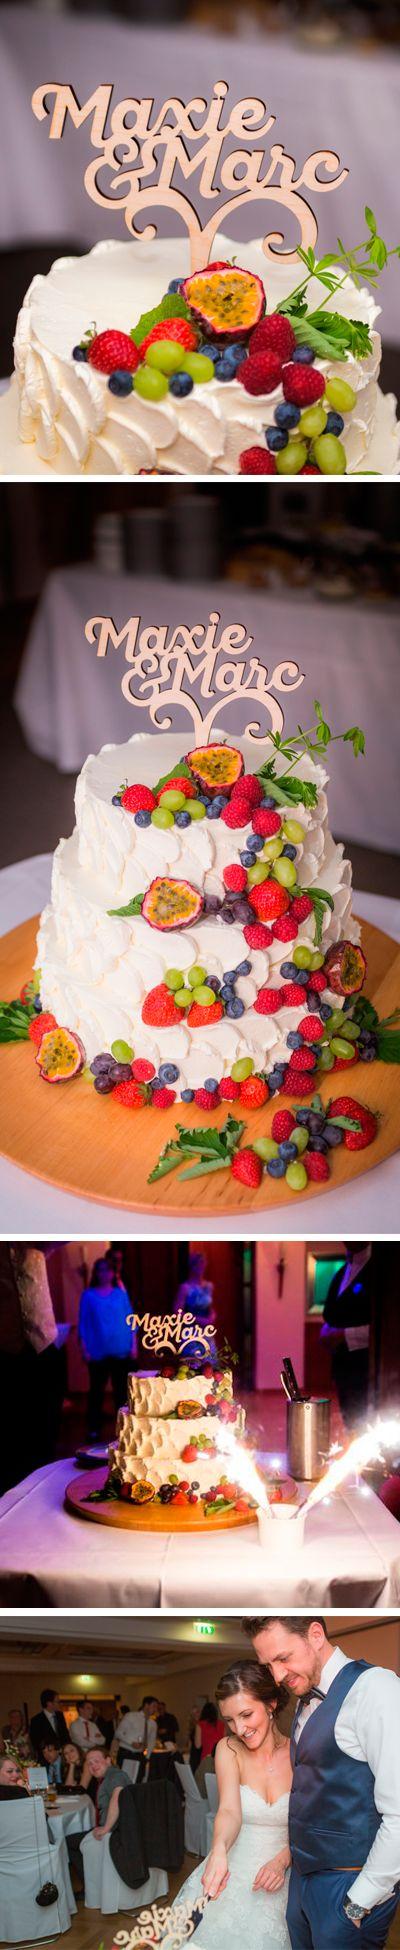 Caketopper aus Holz  individuell mit Namen des Hochzeit Paares Der Caketopper aus Holz ist geeignet für eine Tropical Wedding, die Hochzeitstorte ist mit tropischen Früchten wie Maracuja und heimischen Obst wie Erdbeeren Trauben Blaubeeren